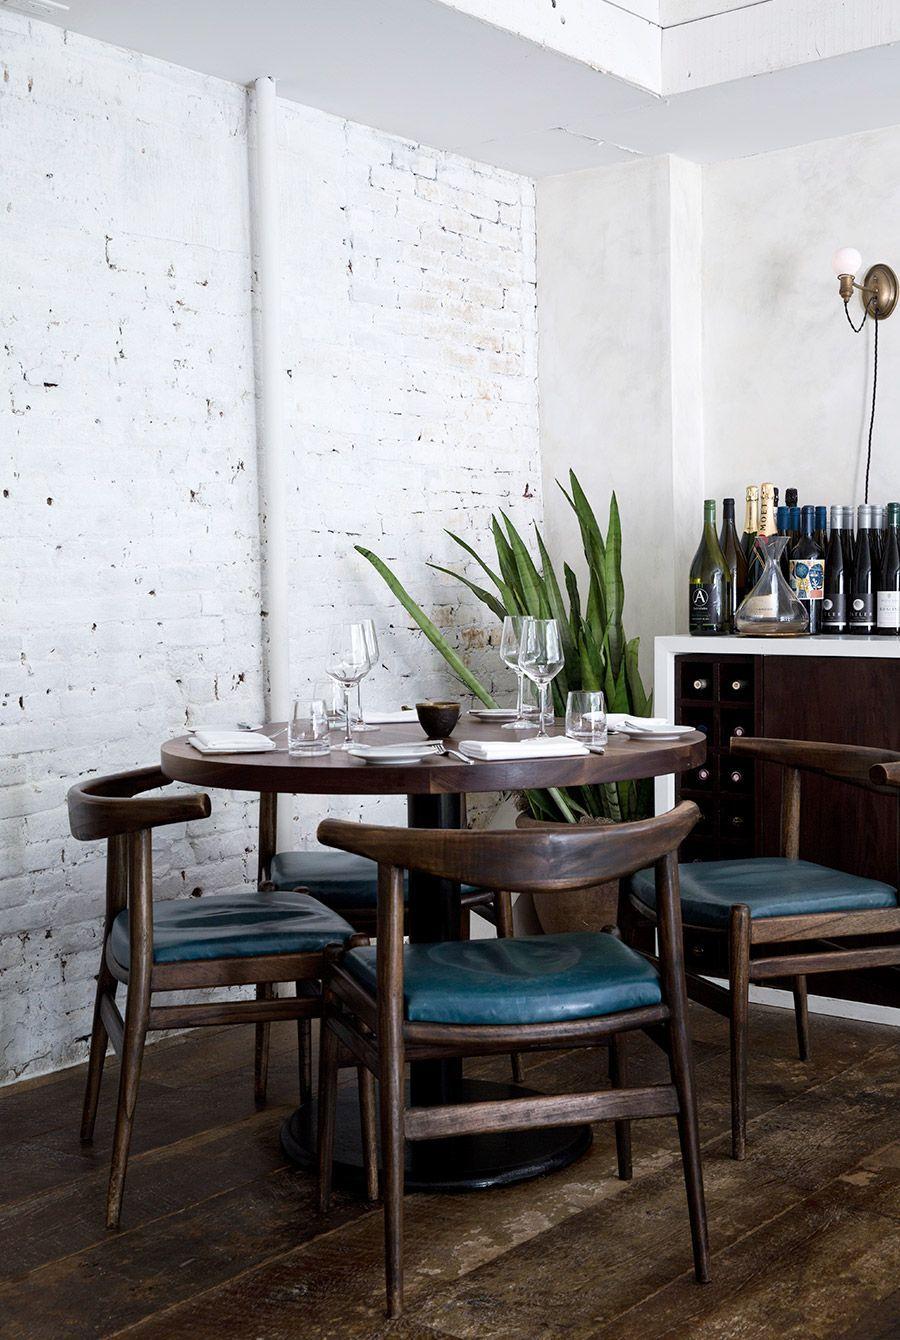 pin von sascha mariah auf inspiration kitchen / dining | pinterest, Esstisch ideennn